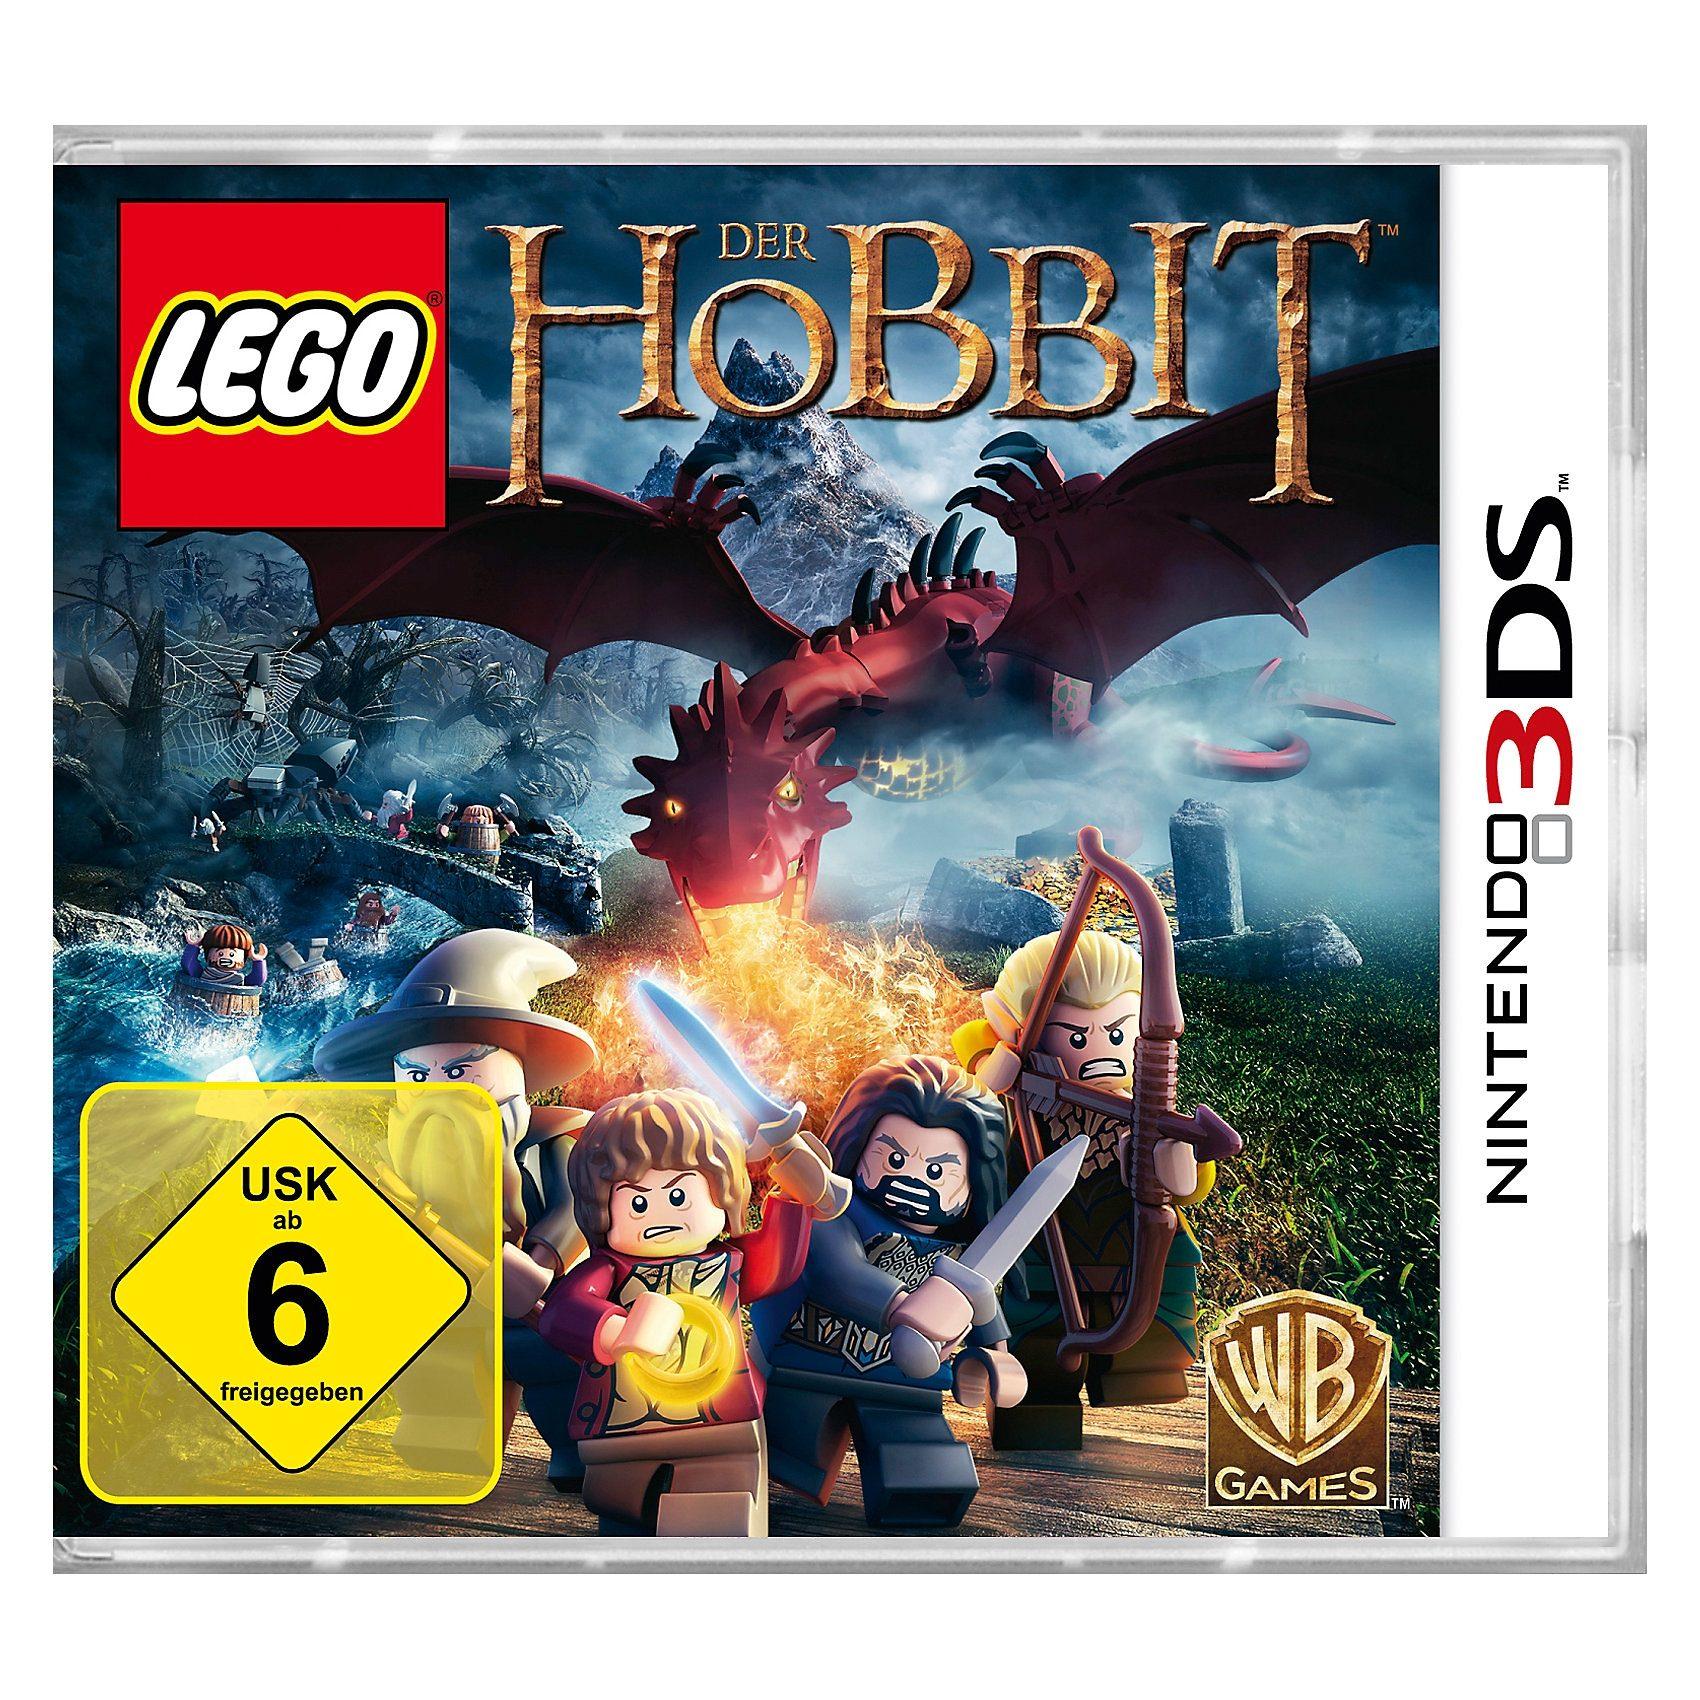 LEGO 3DS der Hobbit